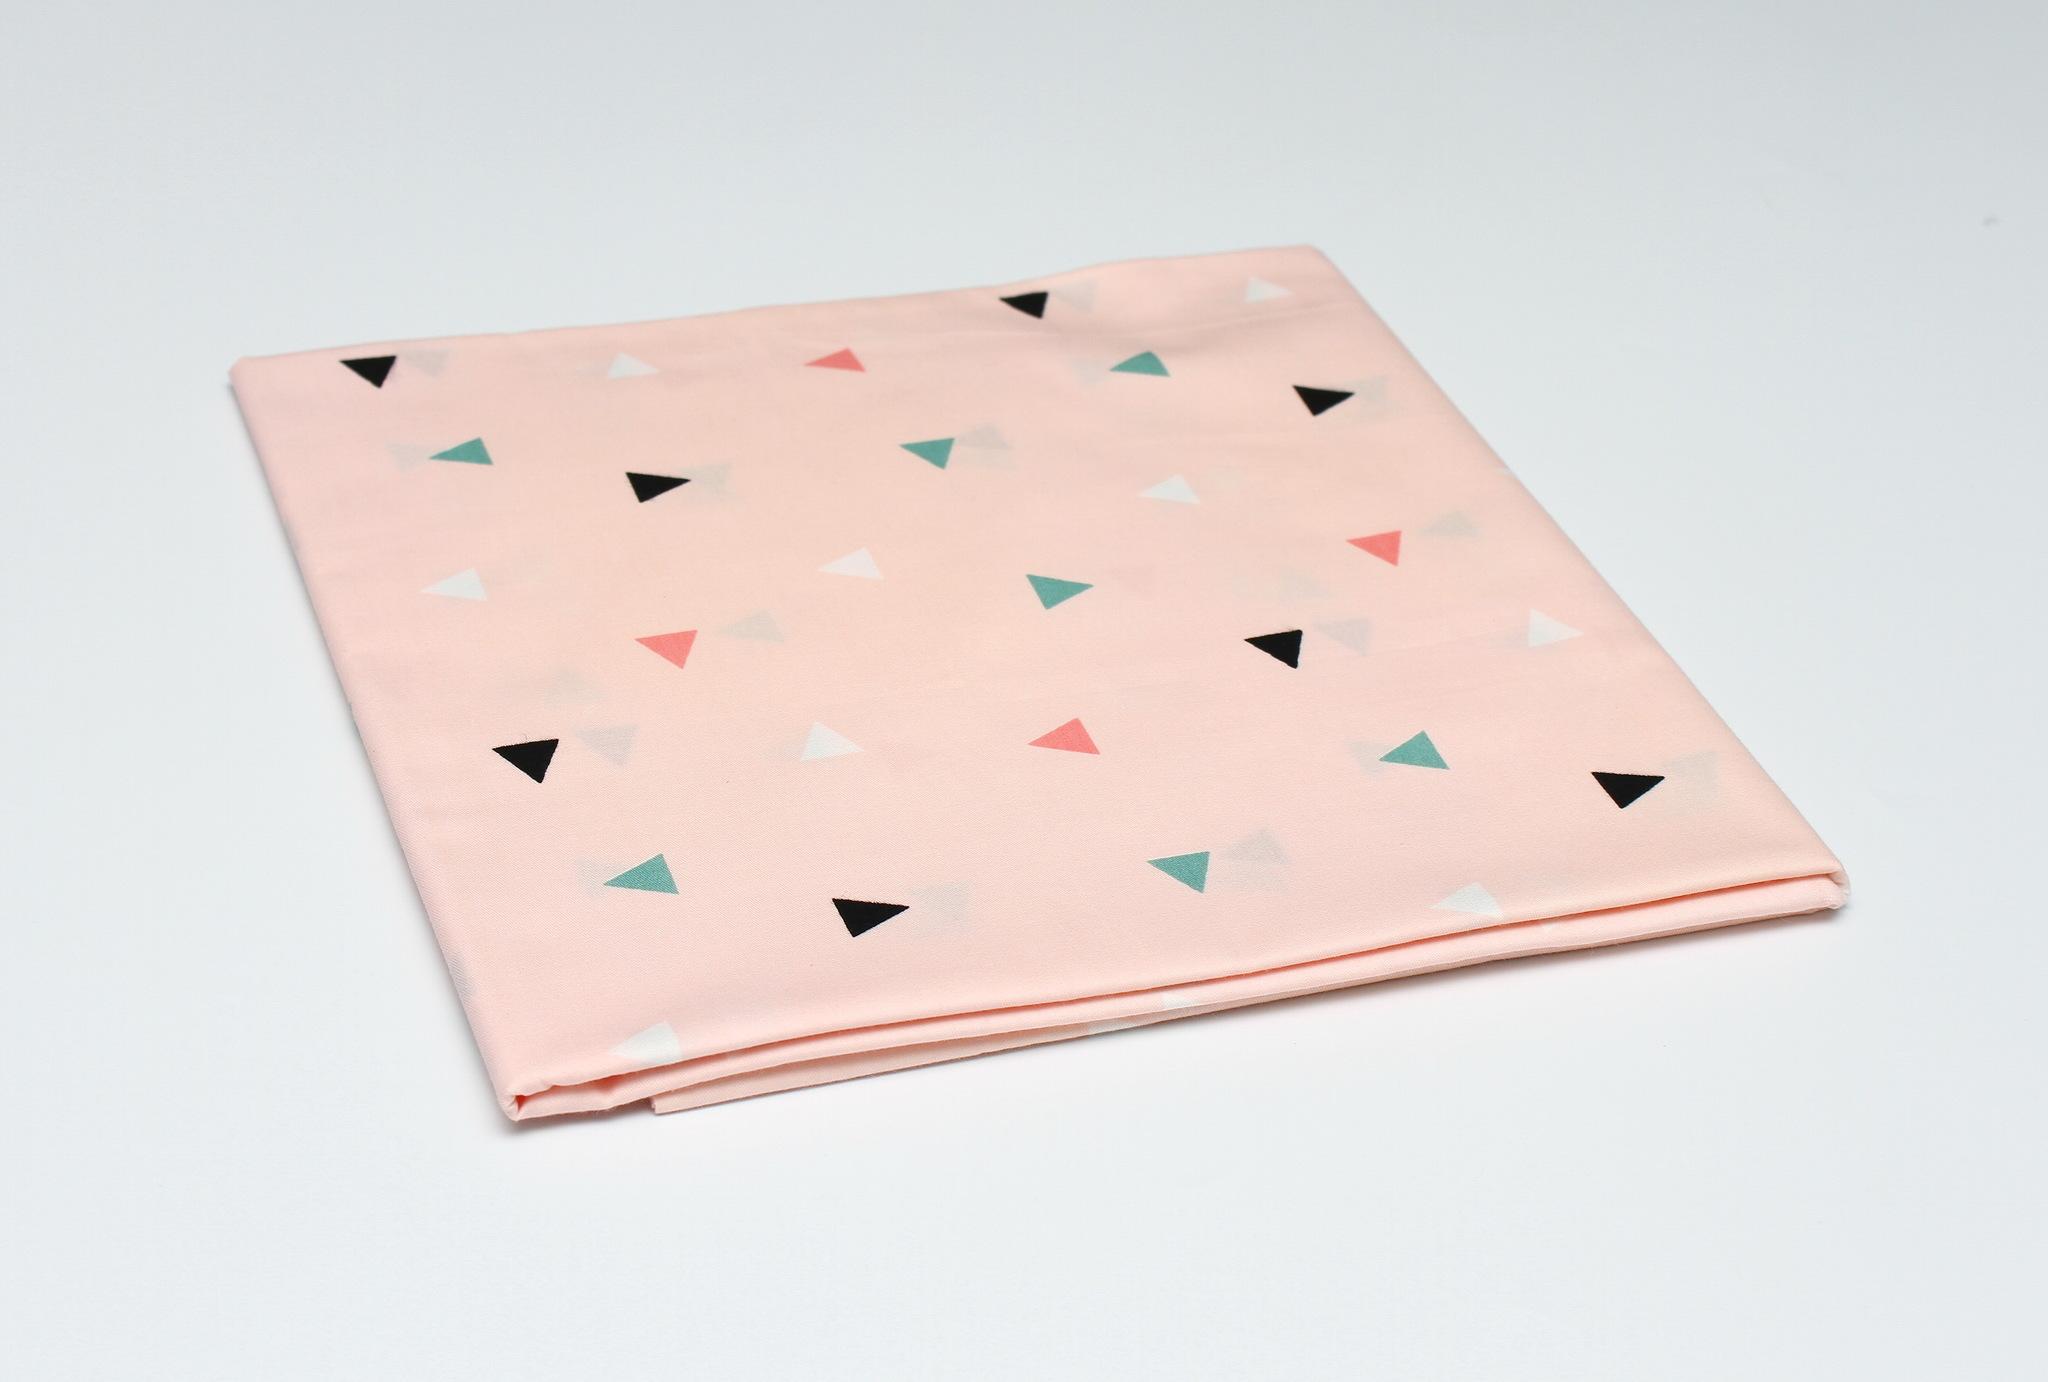 Треугольники розовый фон